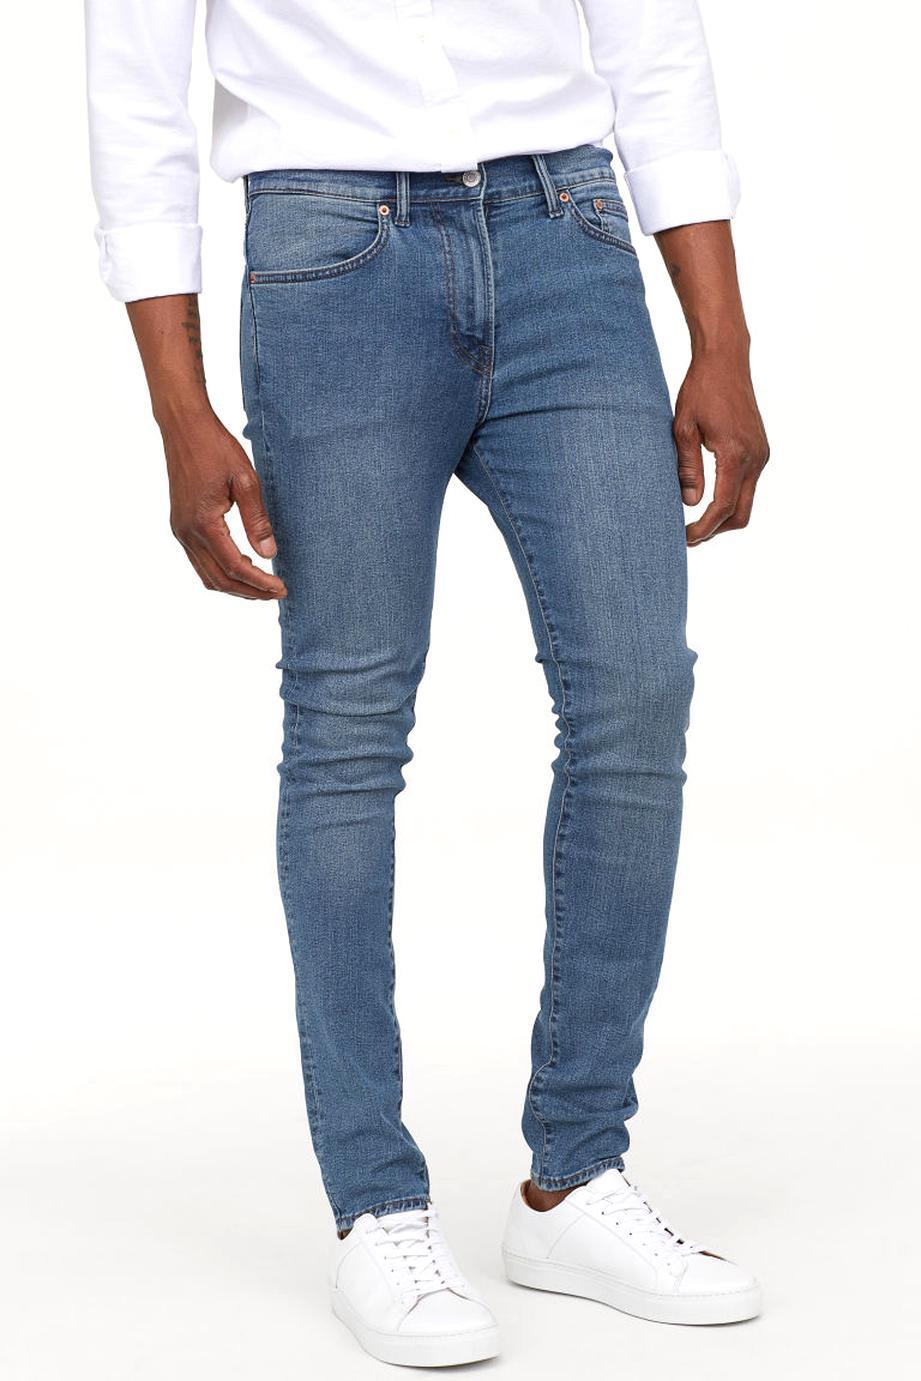 h m skinny jeans gebraucht kaufen